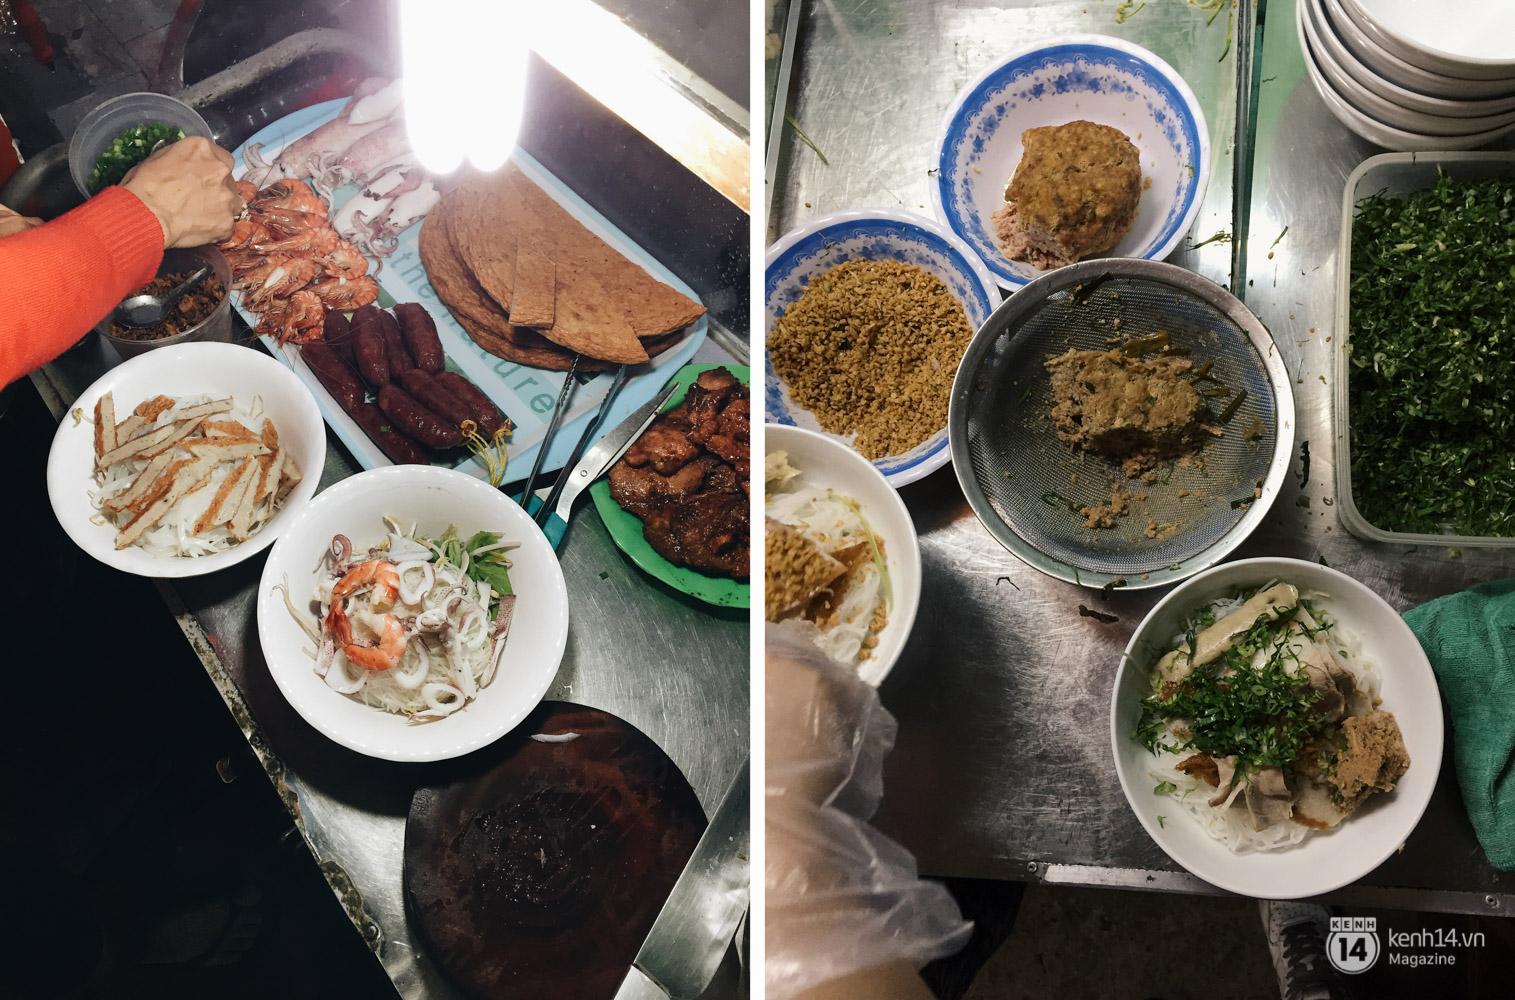 Phú Quốc: Những thứ tuyệt đẹp chẳng có trong cẩm nang du lịch - Ảnh 40.